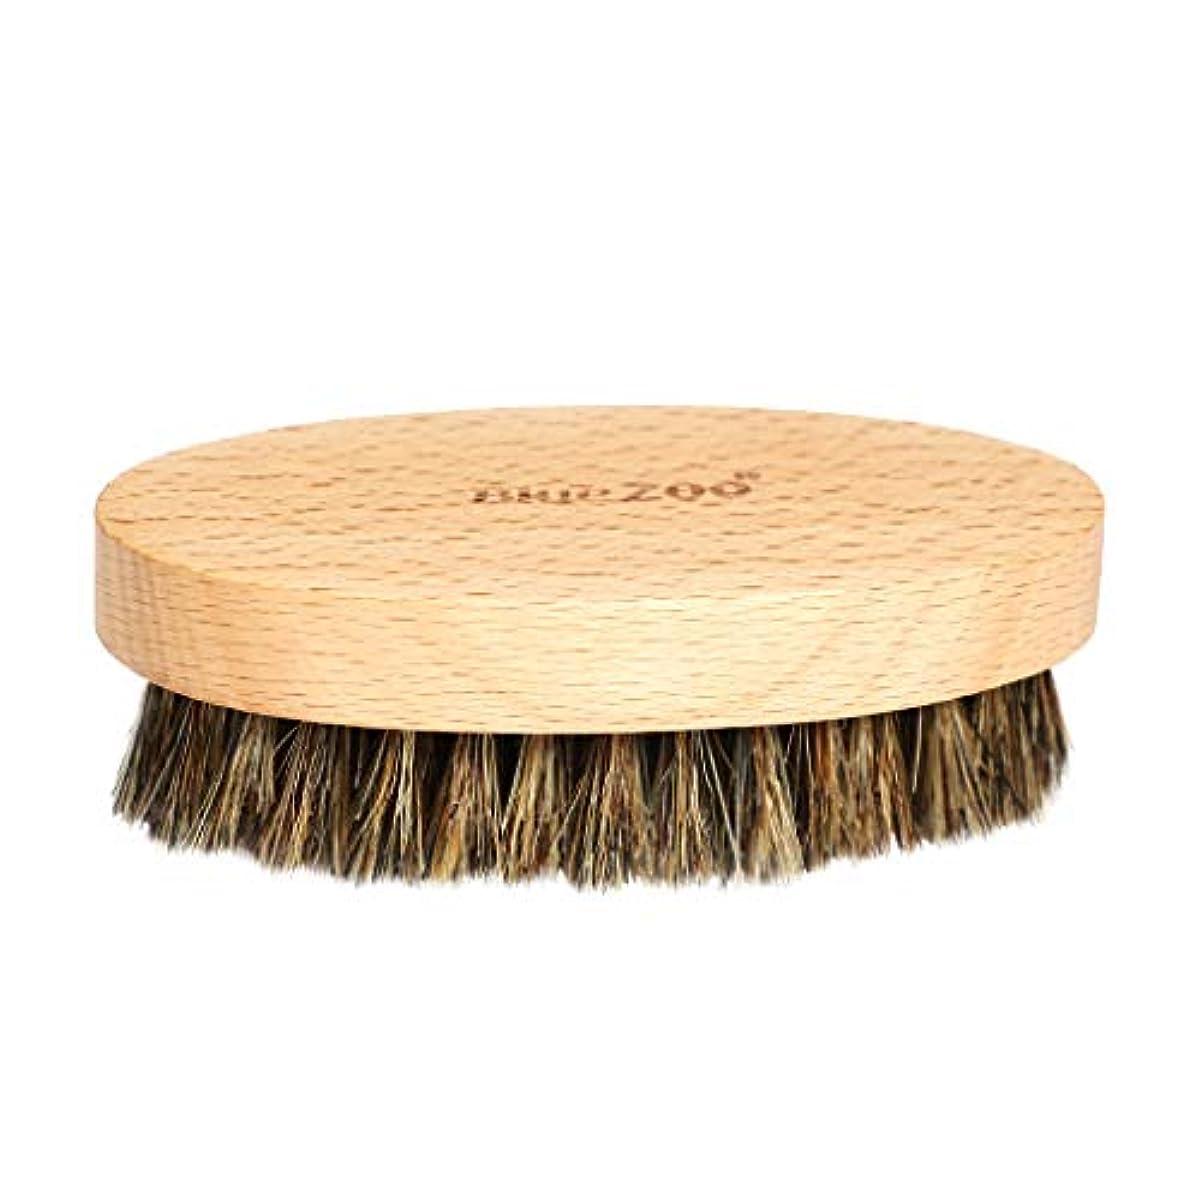 ペースト是正補助Perfeclan シェービングブラシ 硬い毛 ひげブラシ 男性 髭剃り 清潔用